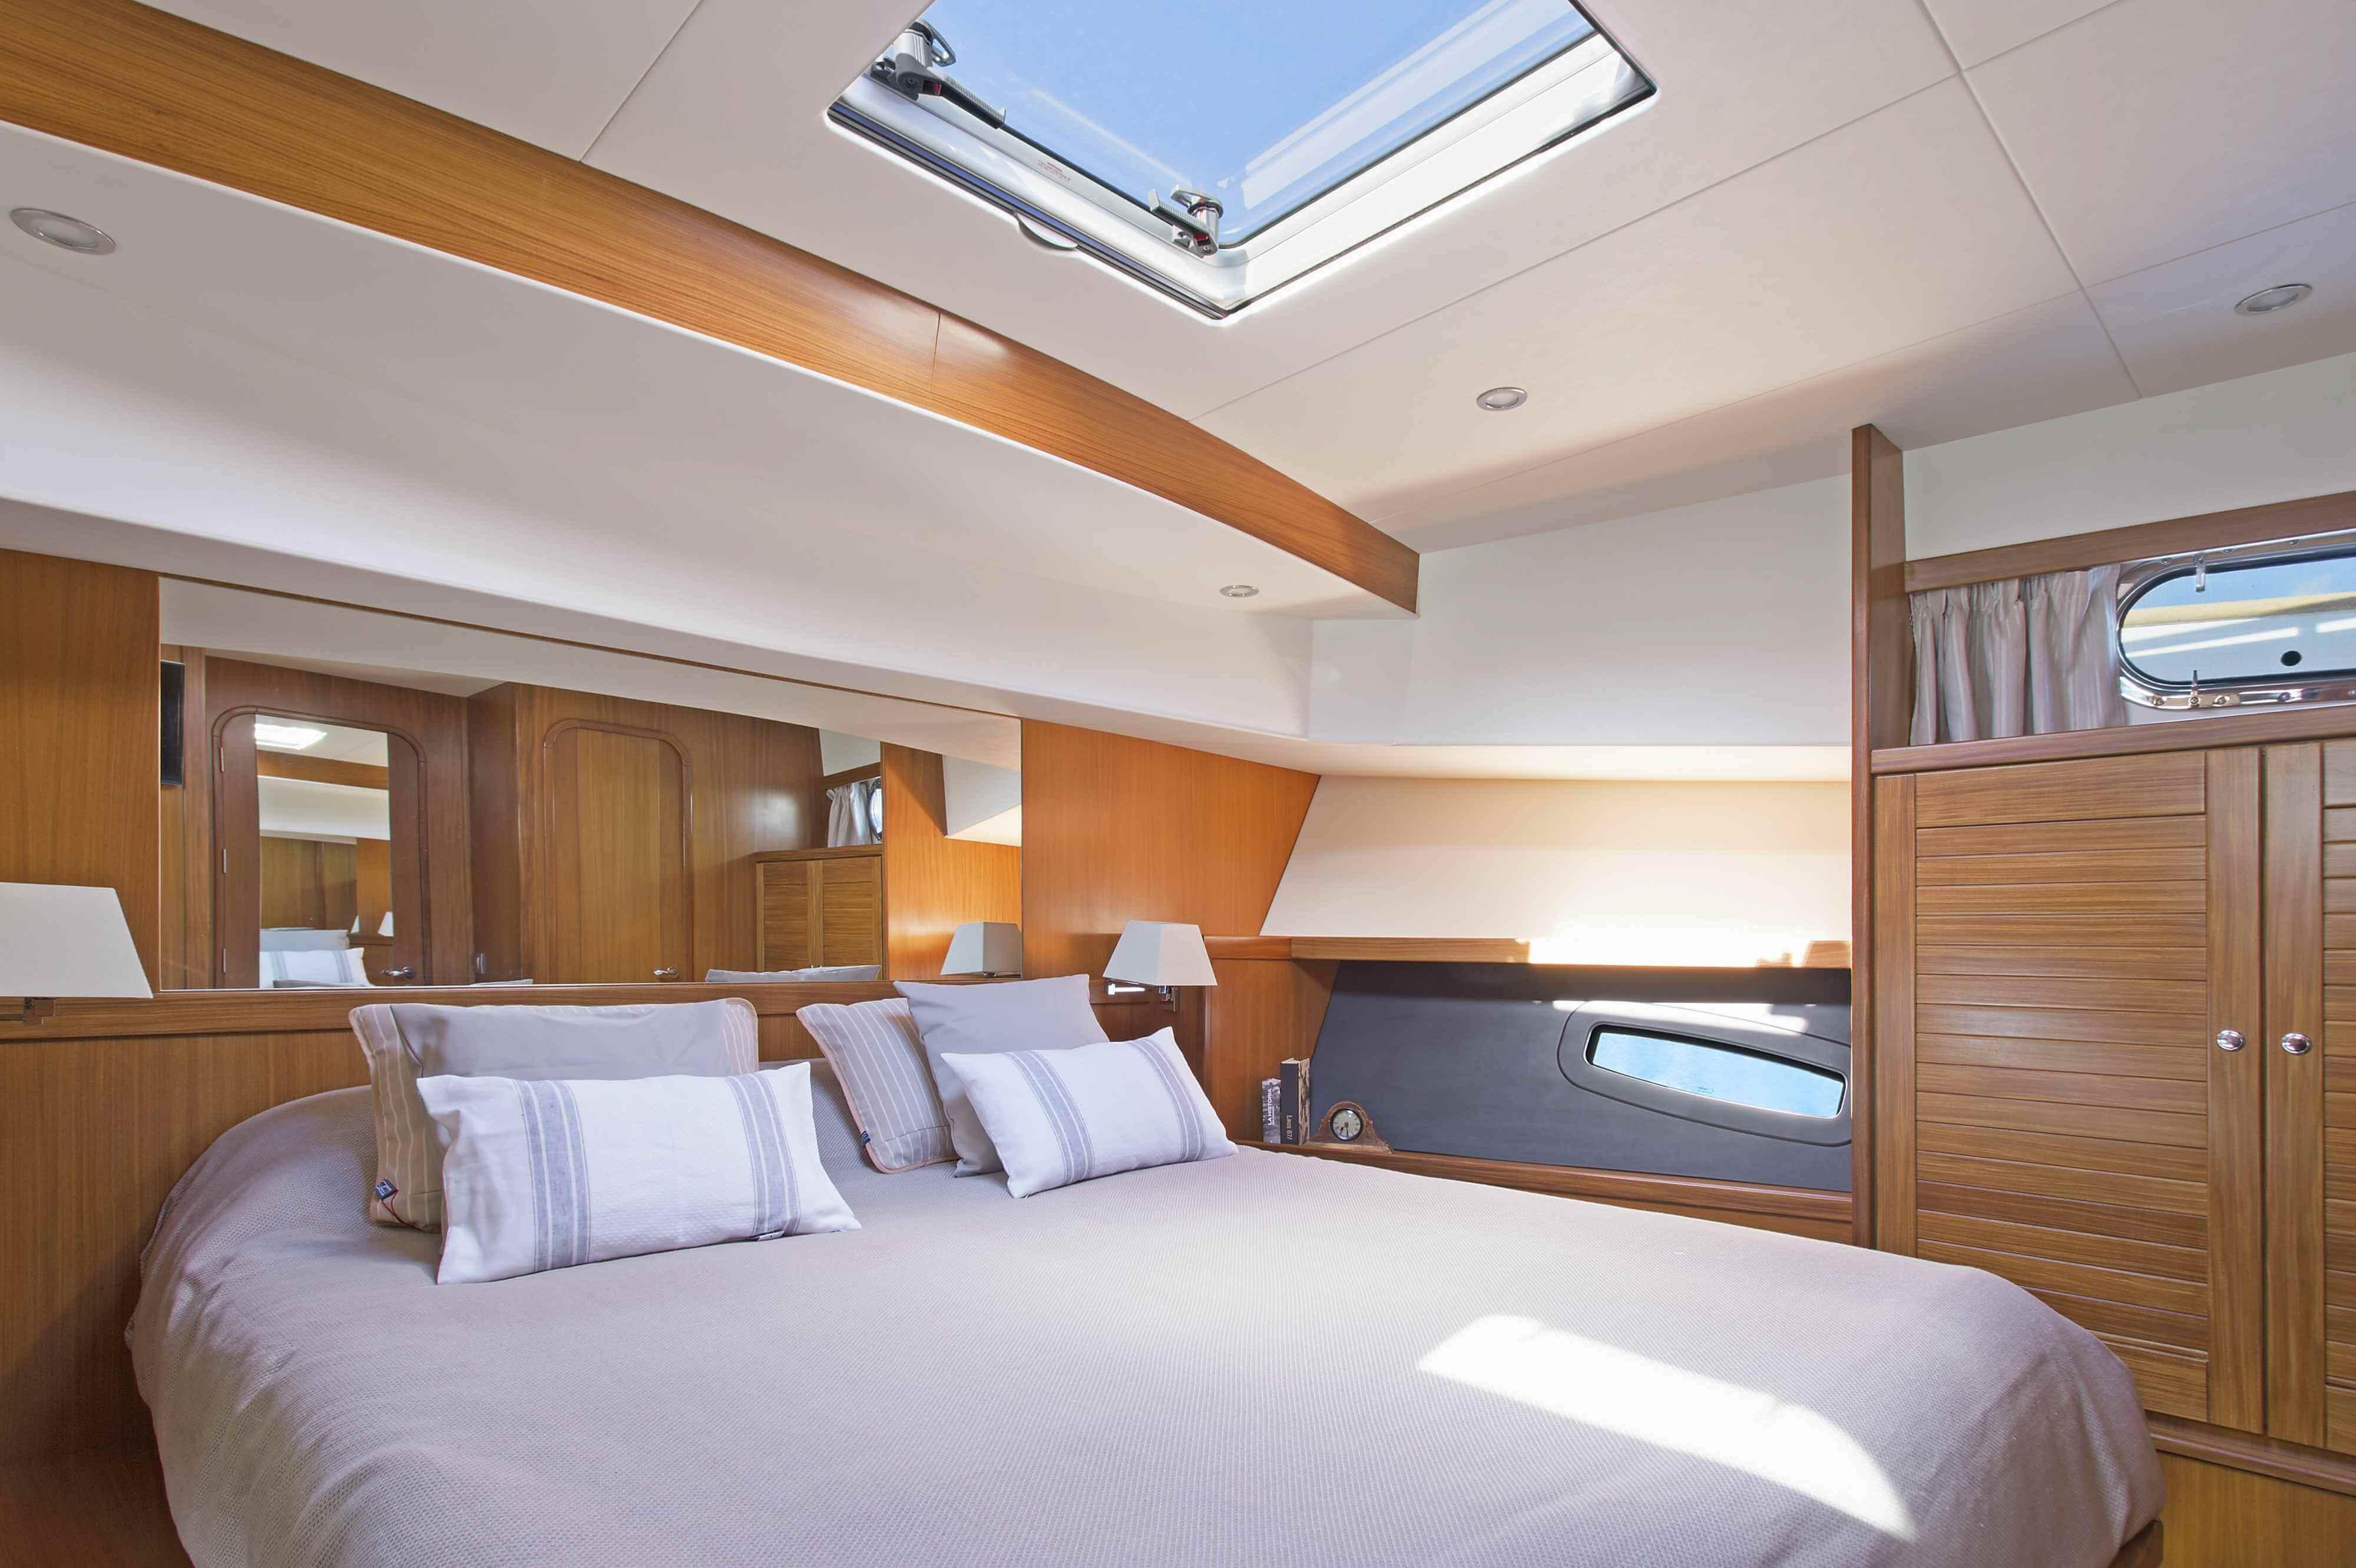 Menorquín 54 HT de Sasga Yachts camarotes están dispuestos con moqueta color blanco roto